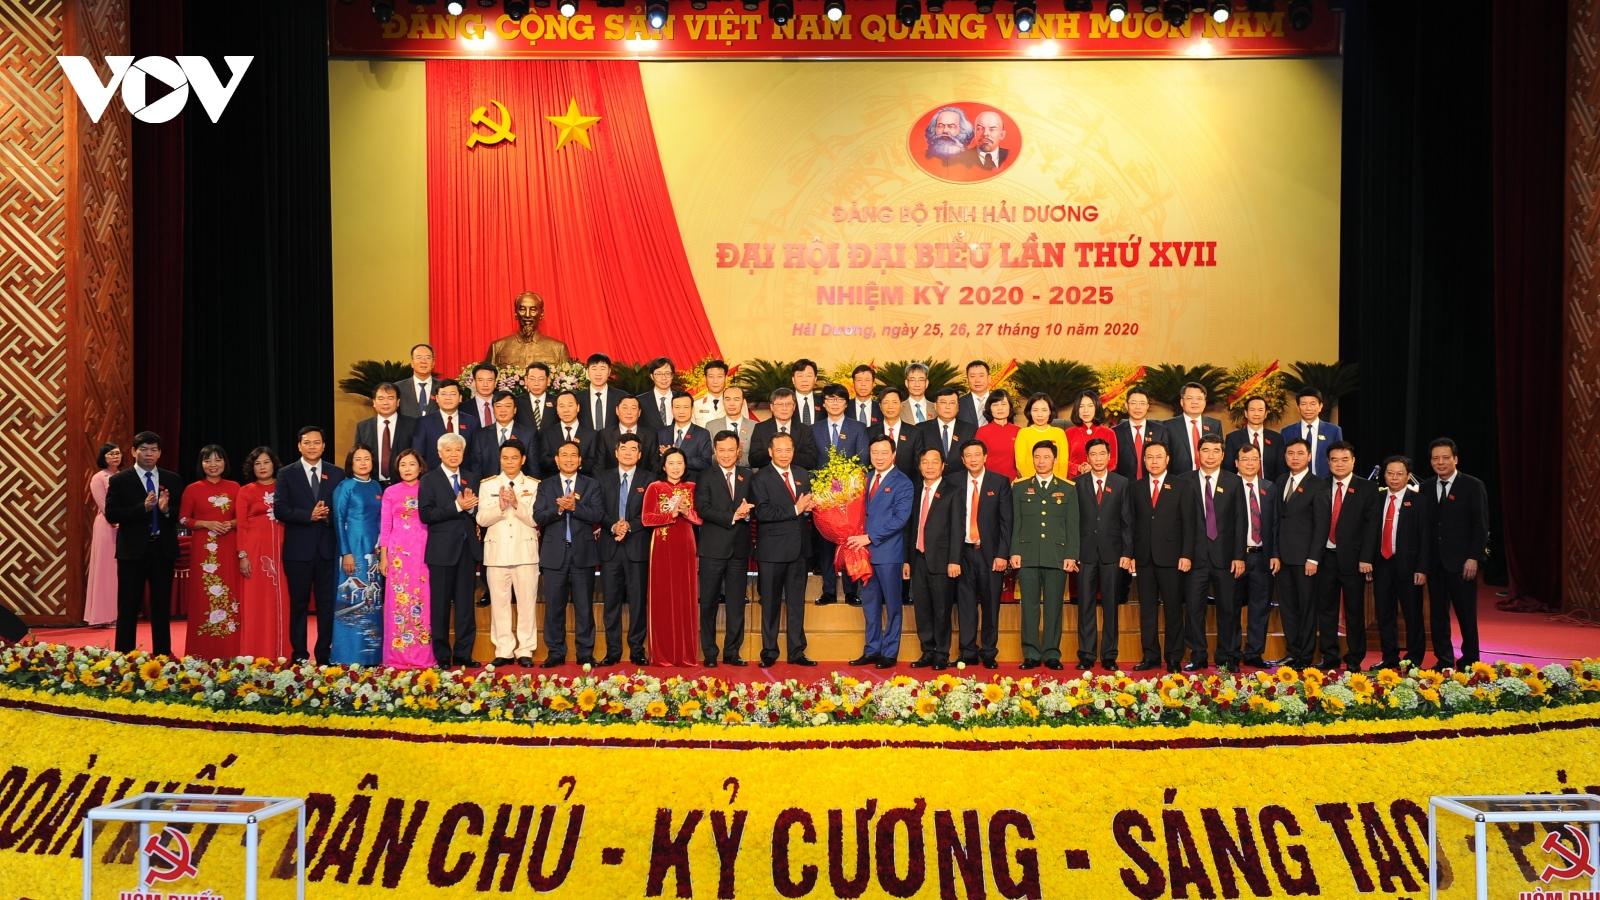 Bế mạc Đại hội Đảng bộ tỉnh Hải Dương